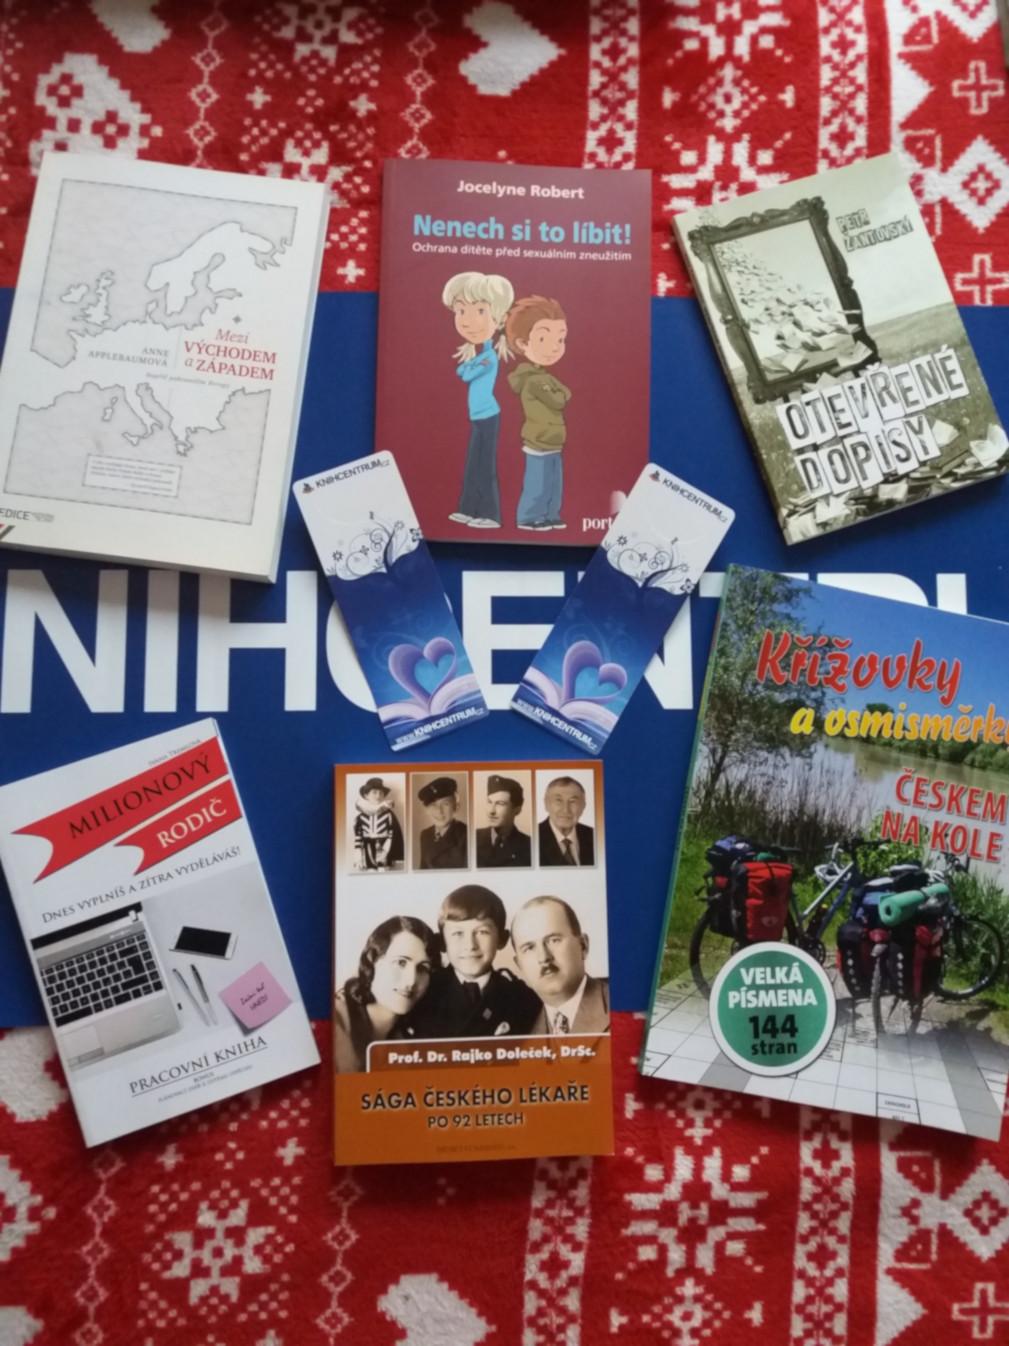 Soutěž o balíček knih - www.advent-kalendar.cz